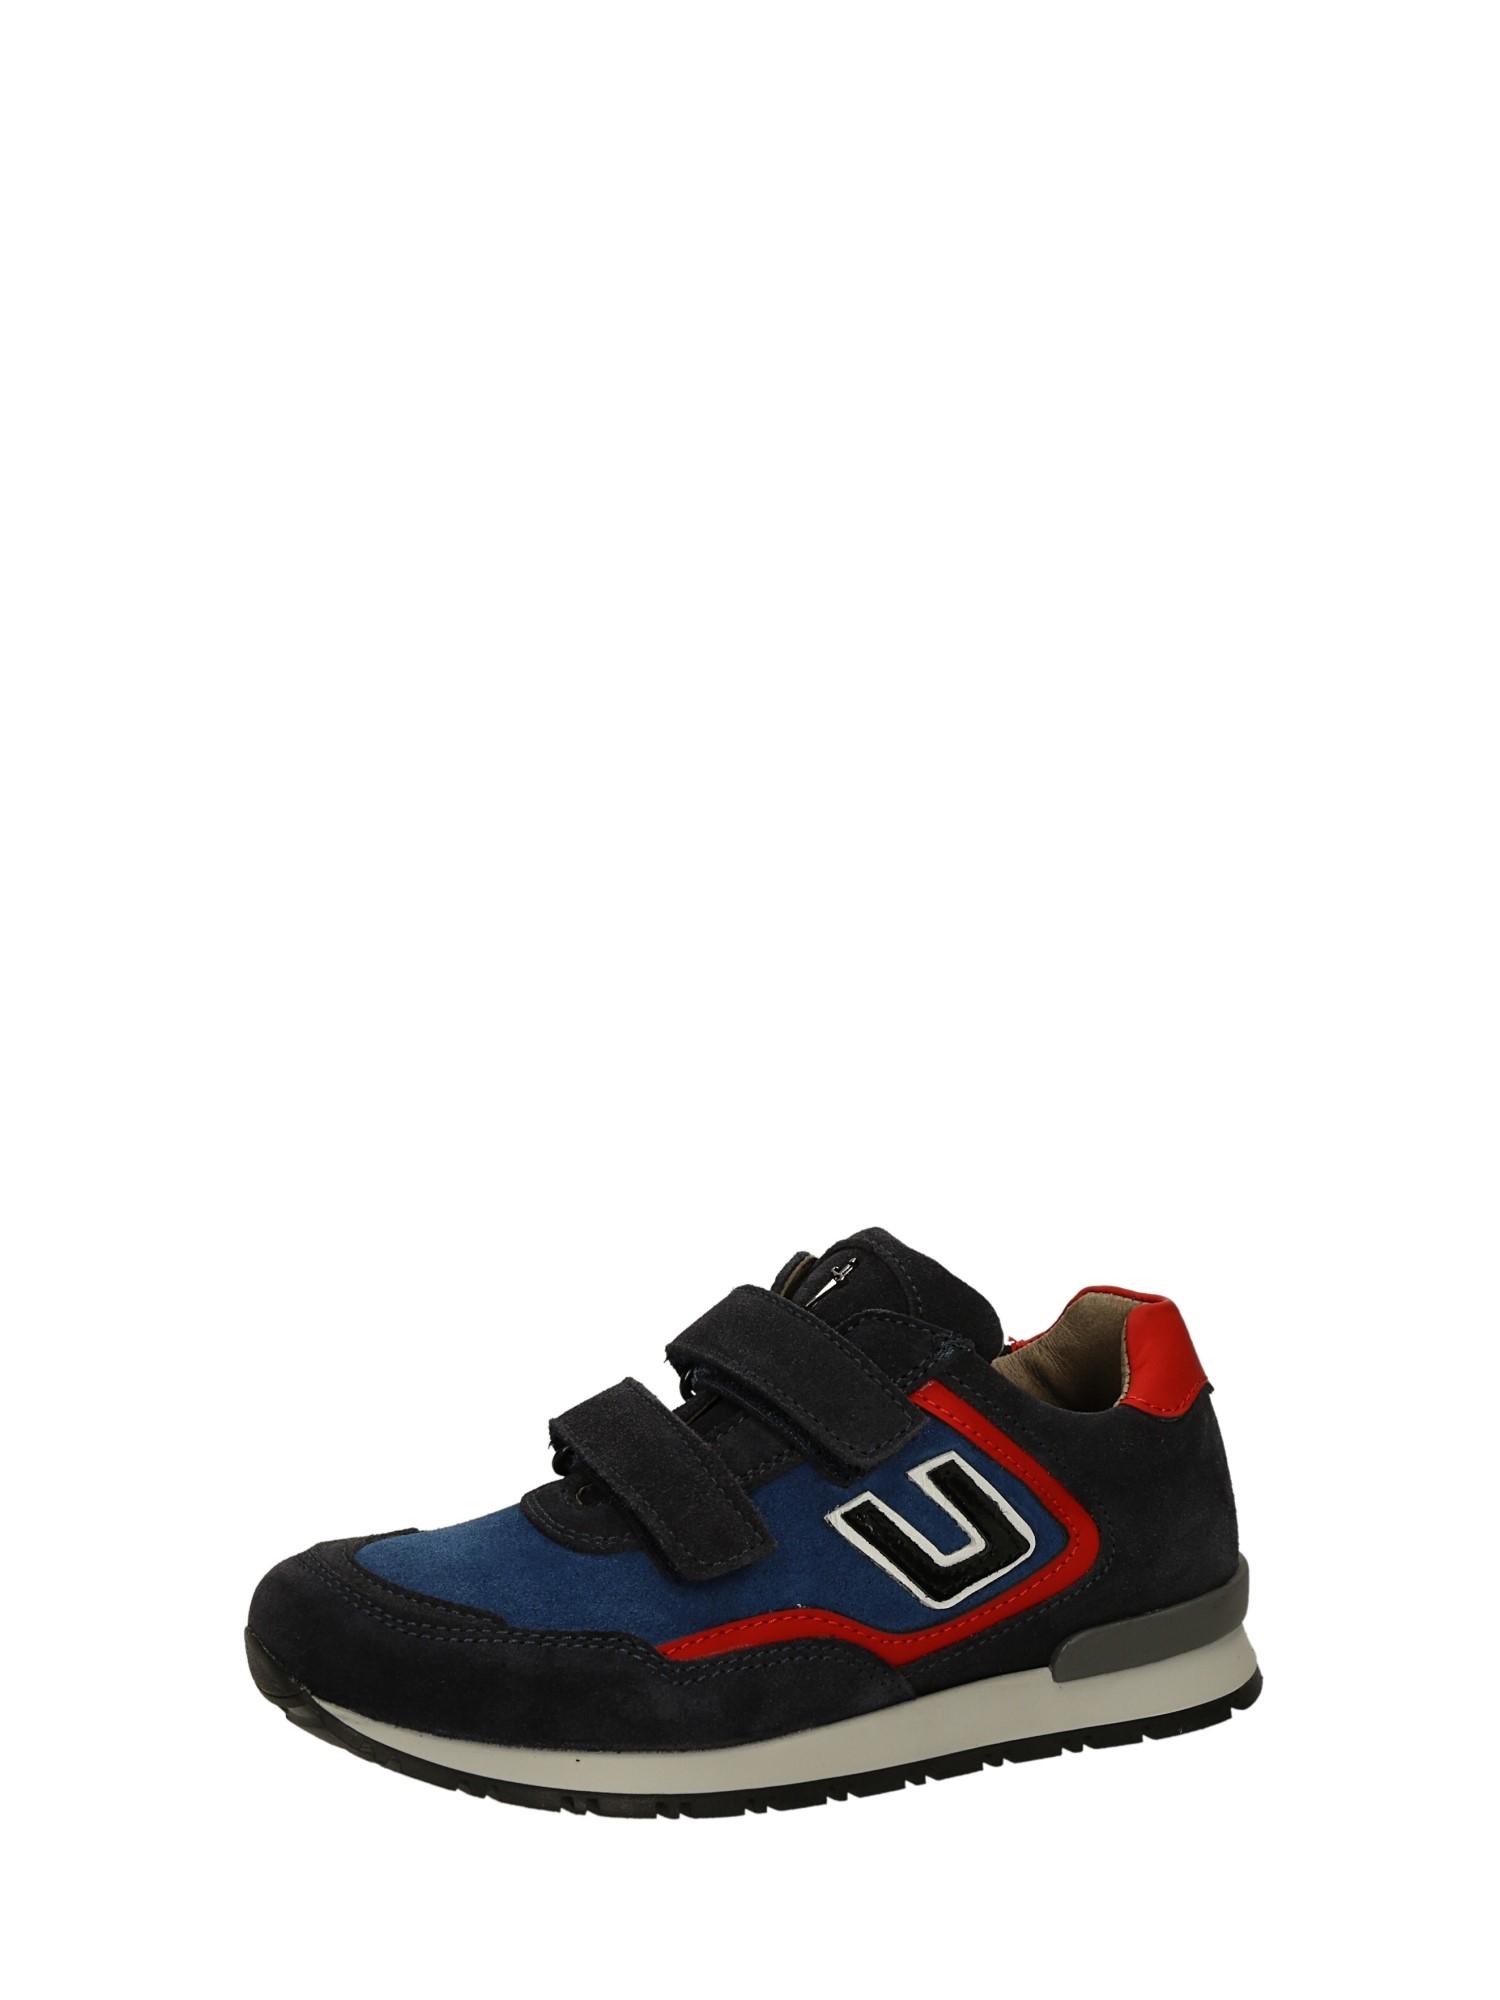 Cesare Paciotti 4us 33842 Blu rosso Scarpe Bambino Sneakers b2e8d2a9587